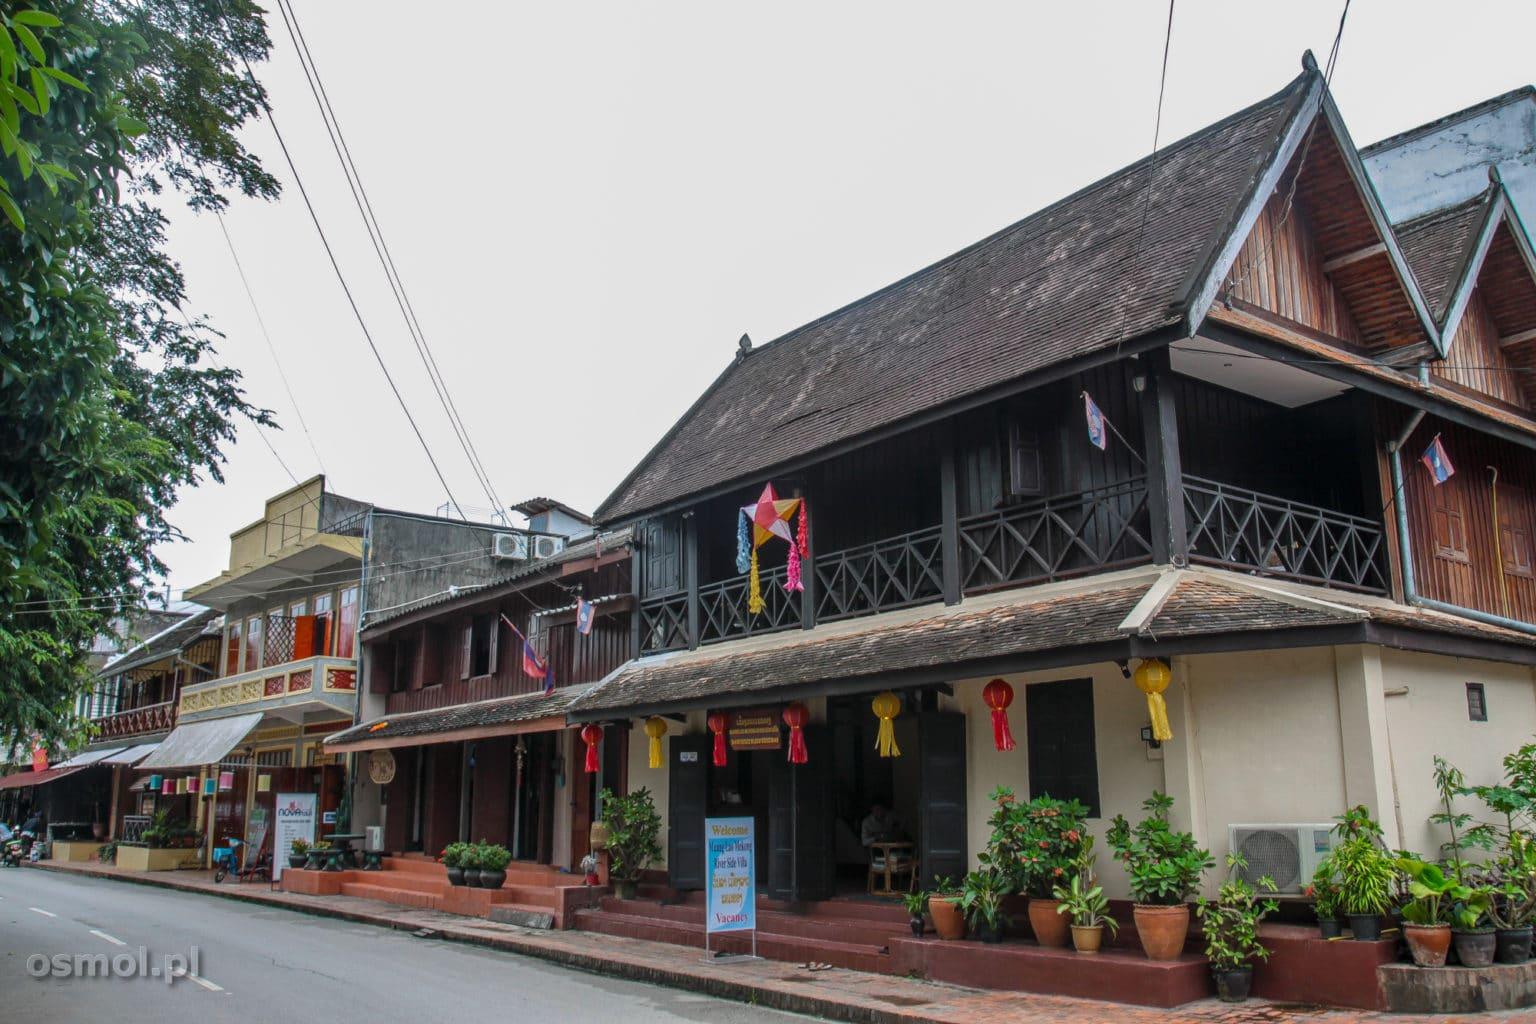 Ulica nad rzeką w Luang Prabang - tu zachowała się stara architektura i panuje klimat jak przed 100 laty. Azja zmieszana z Europą